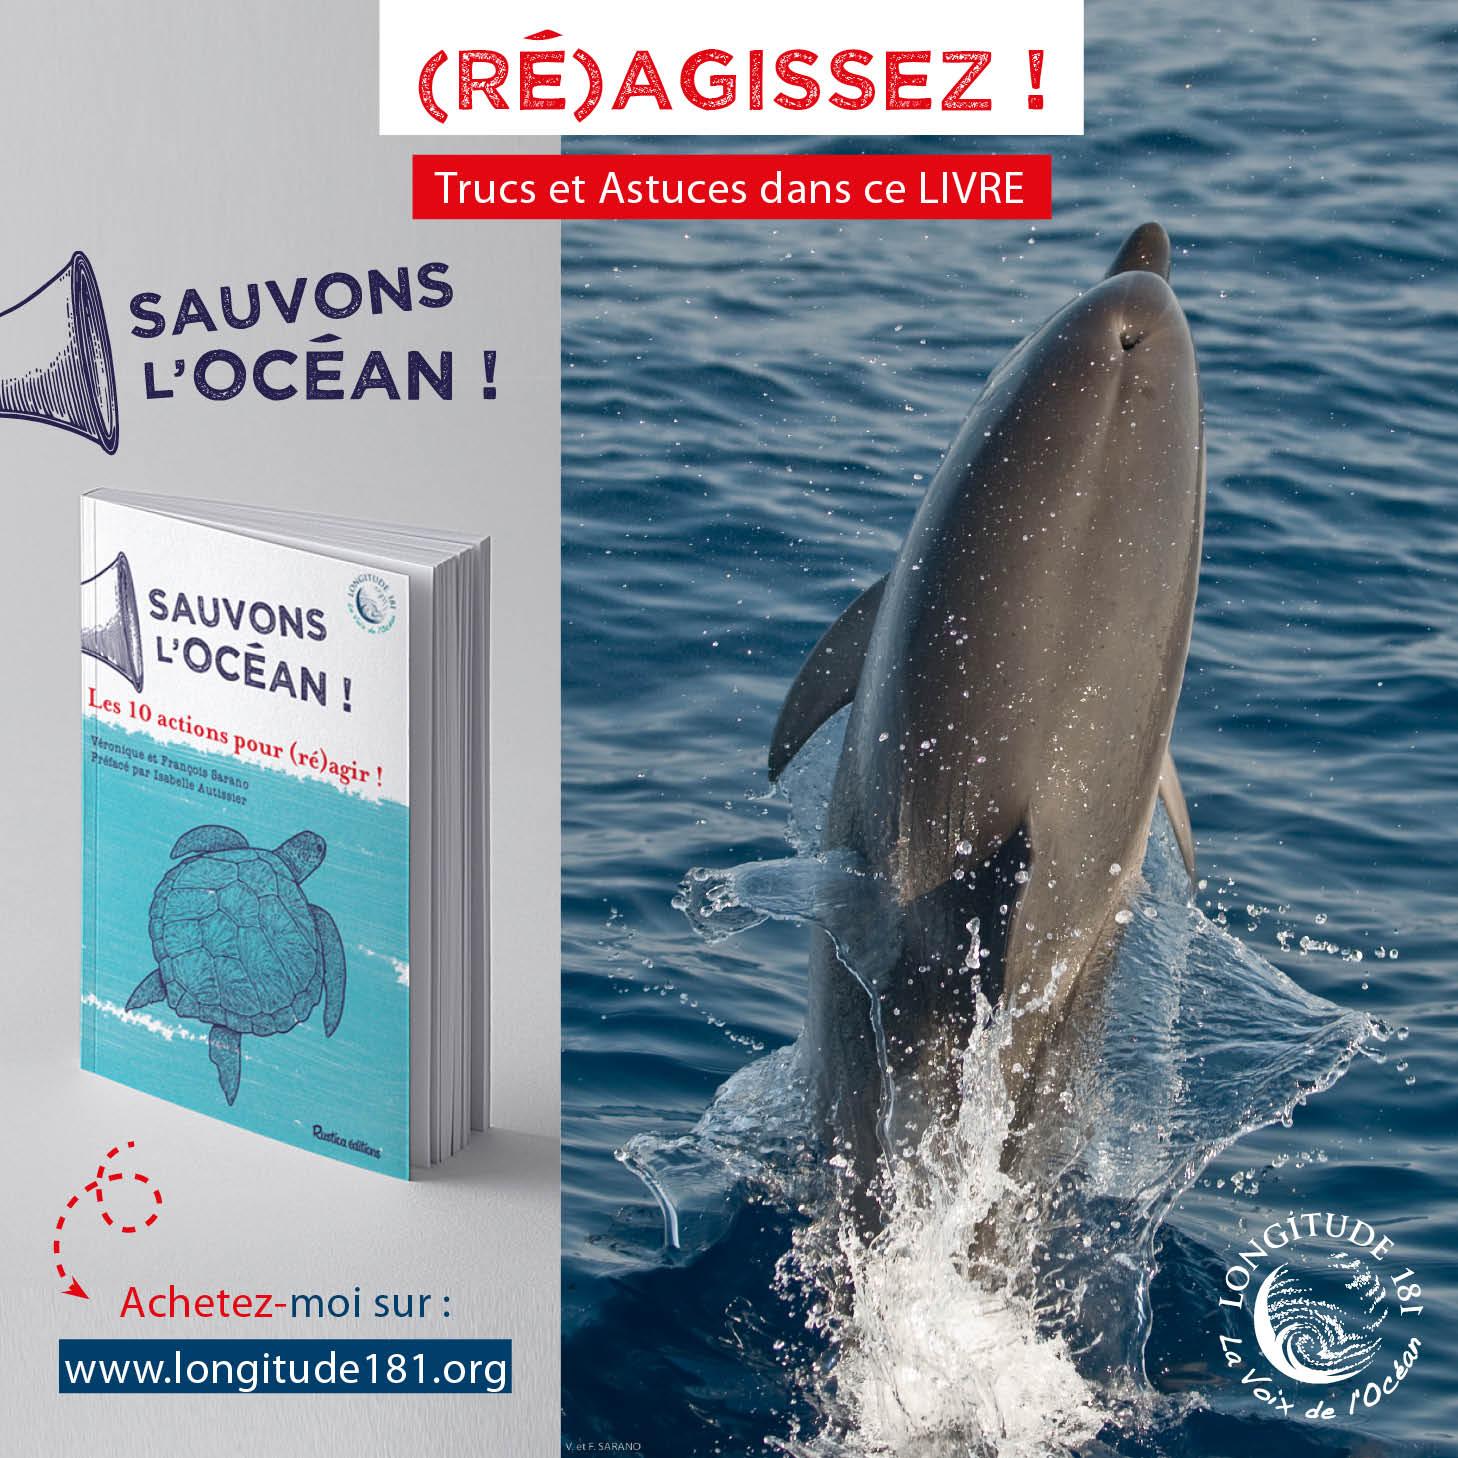 Sauvons l ocean post Fb dauphin